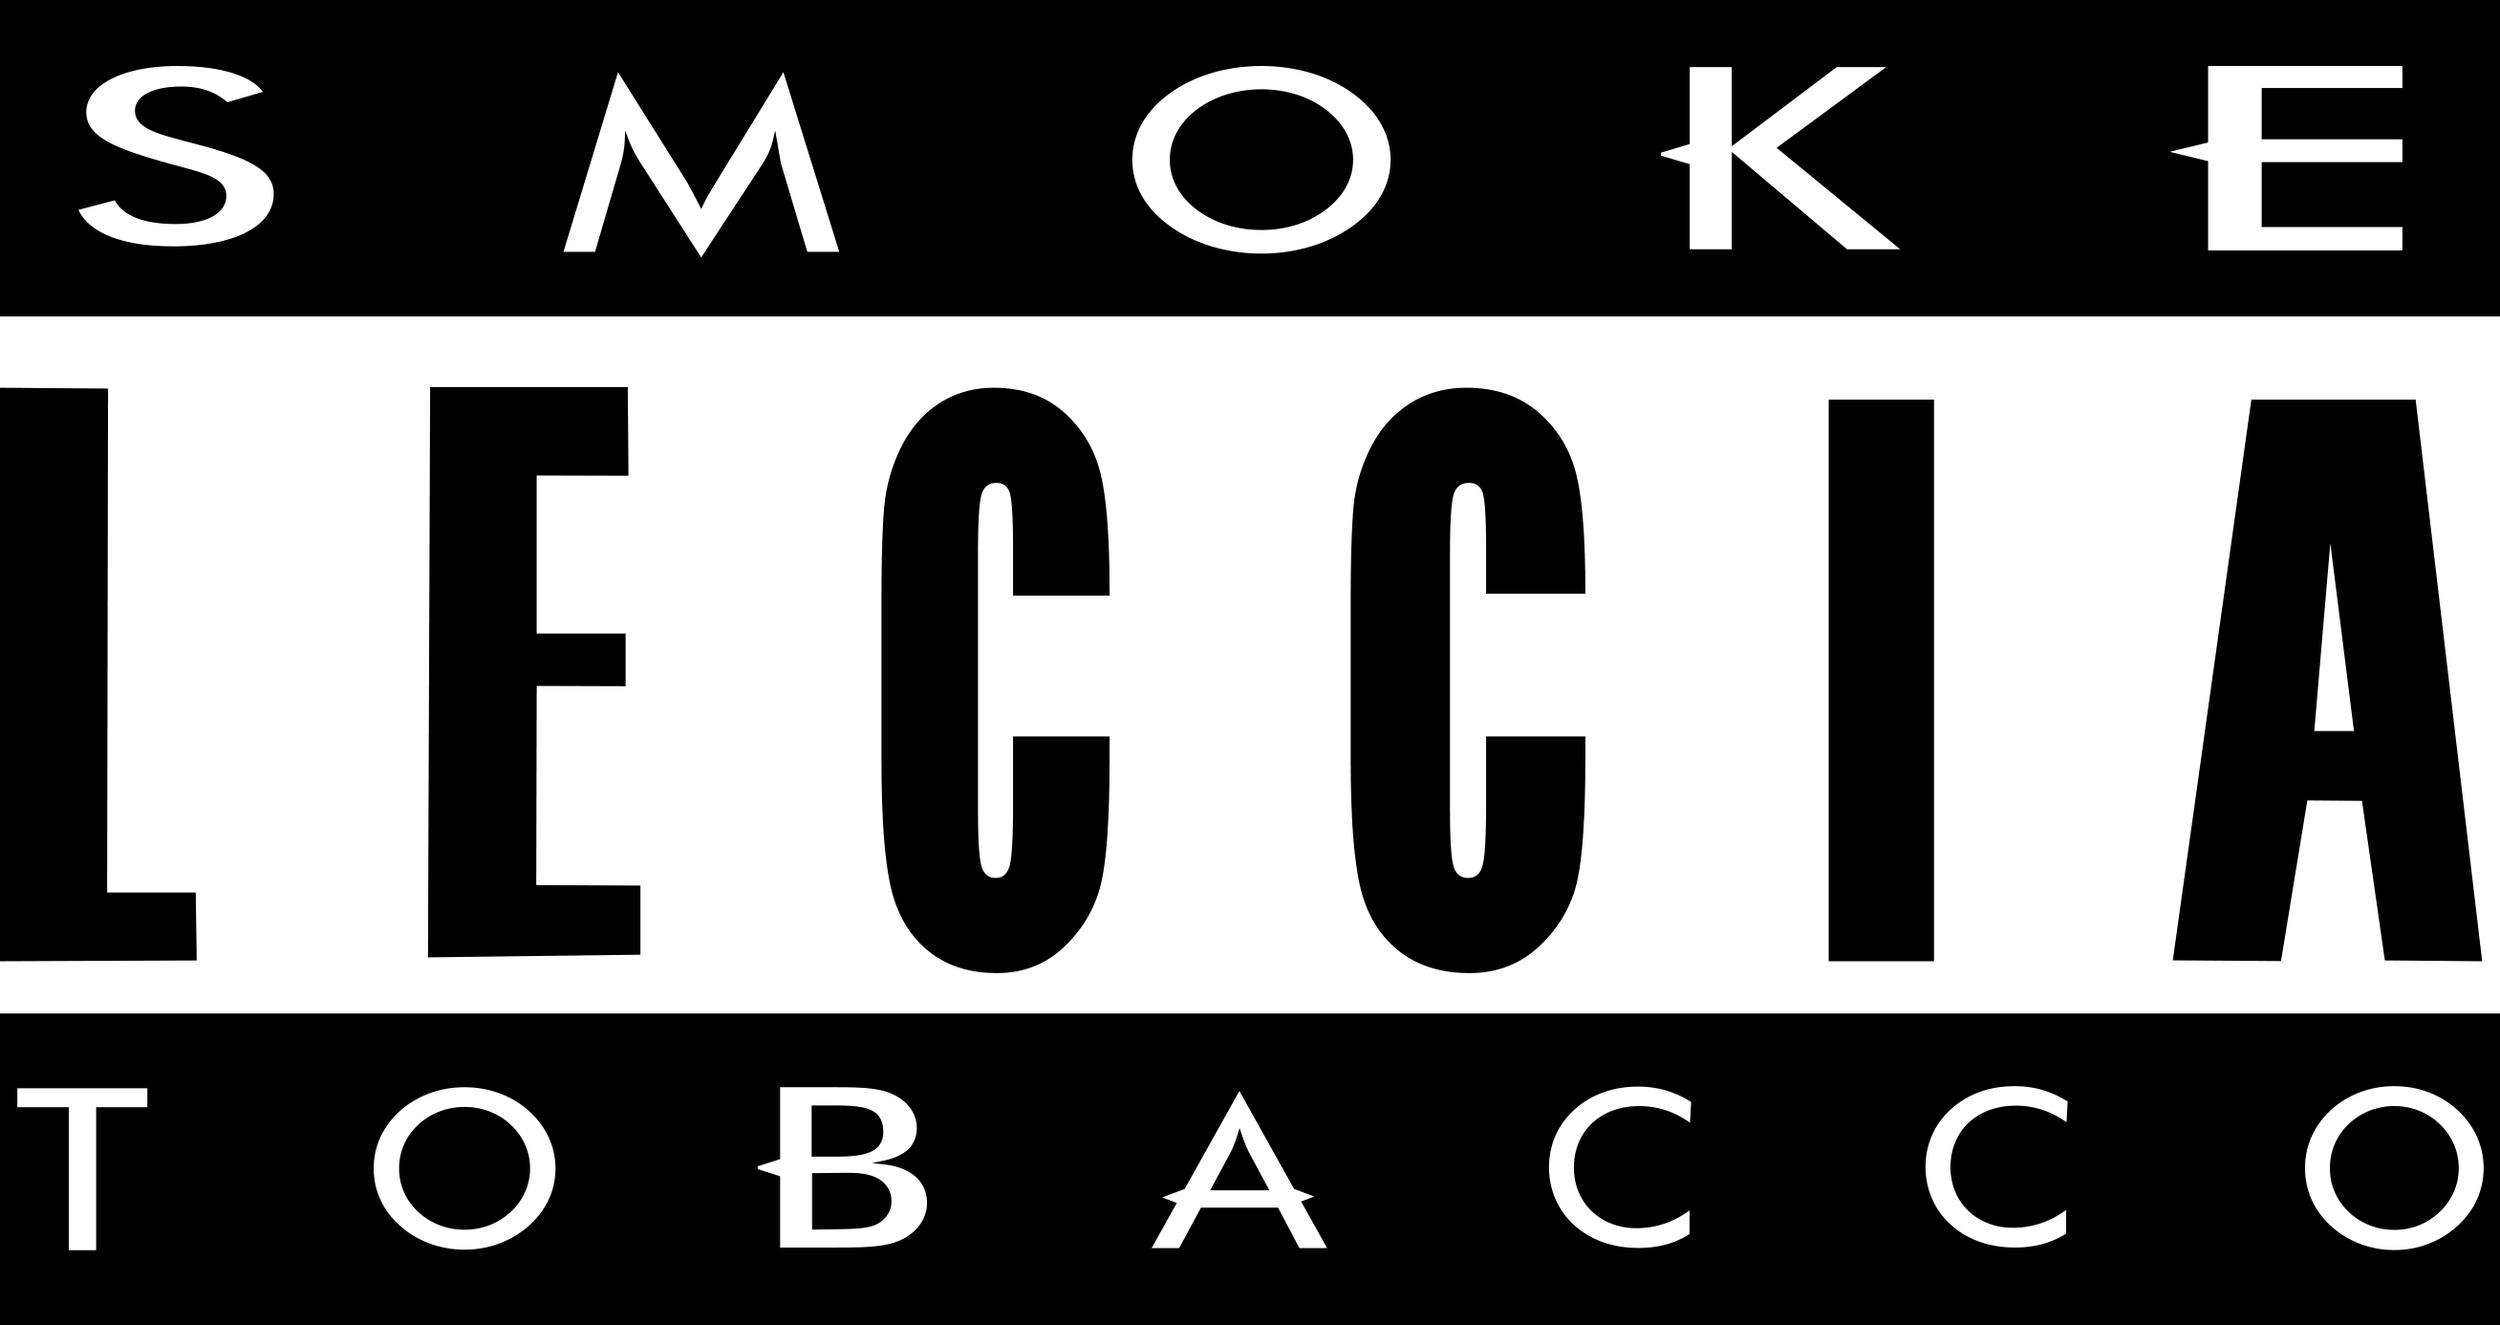 Smoke Leccia Tobacco